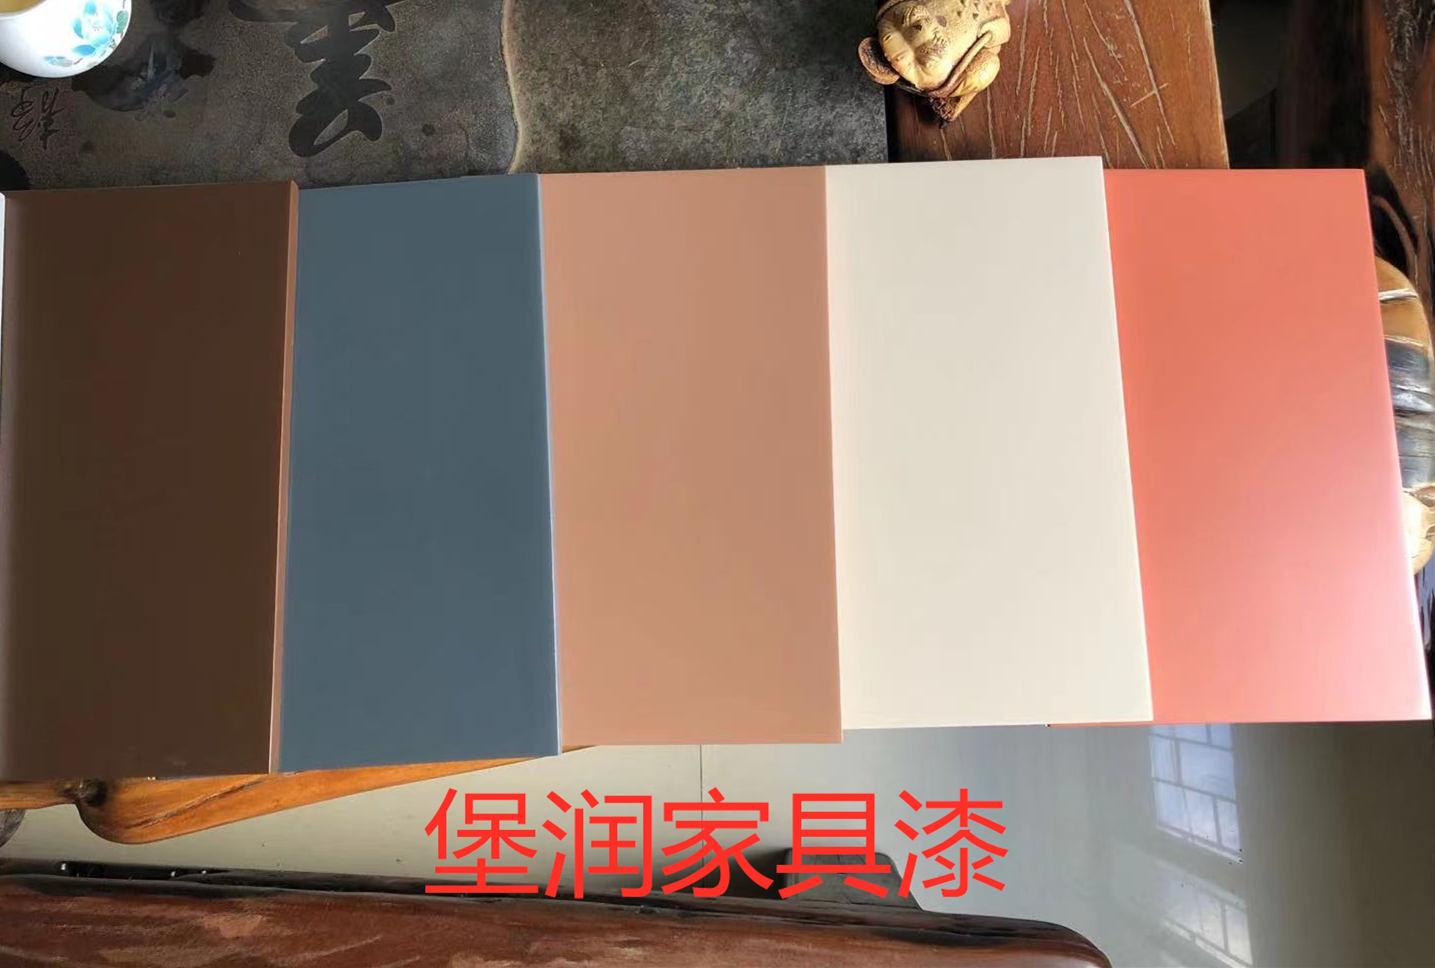 堡润家具漆多款新产品集中上线,打造家具漆品牌新内涵。